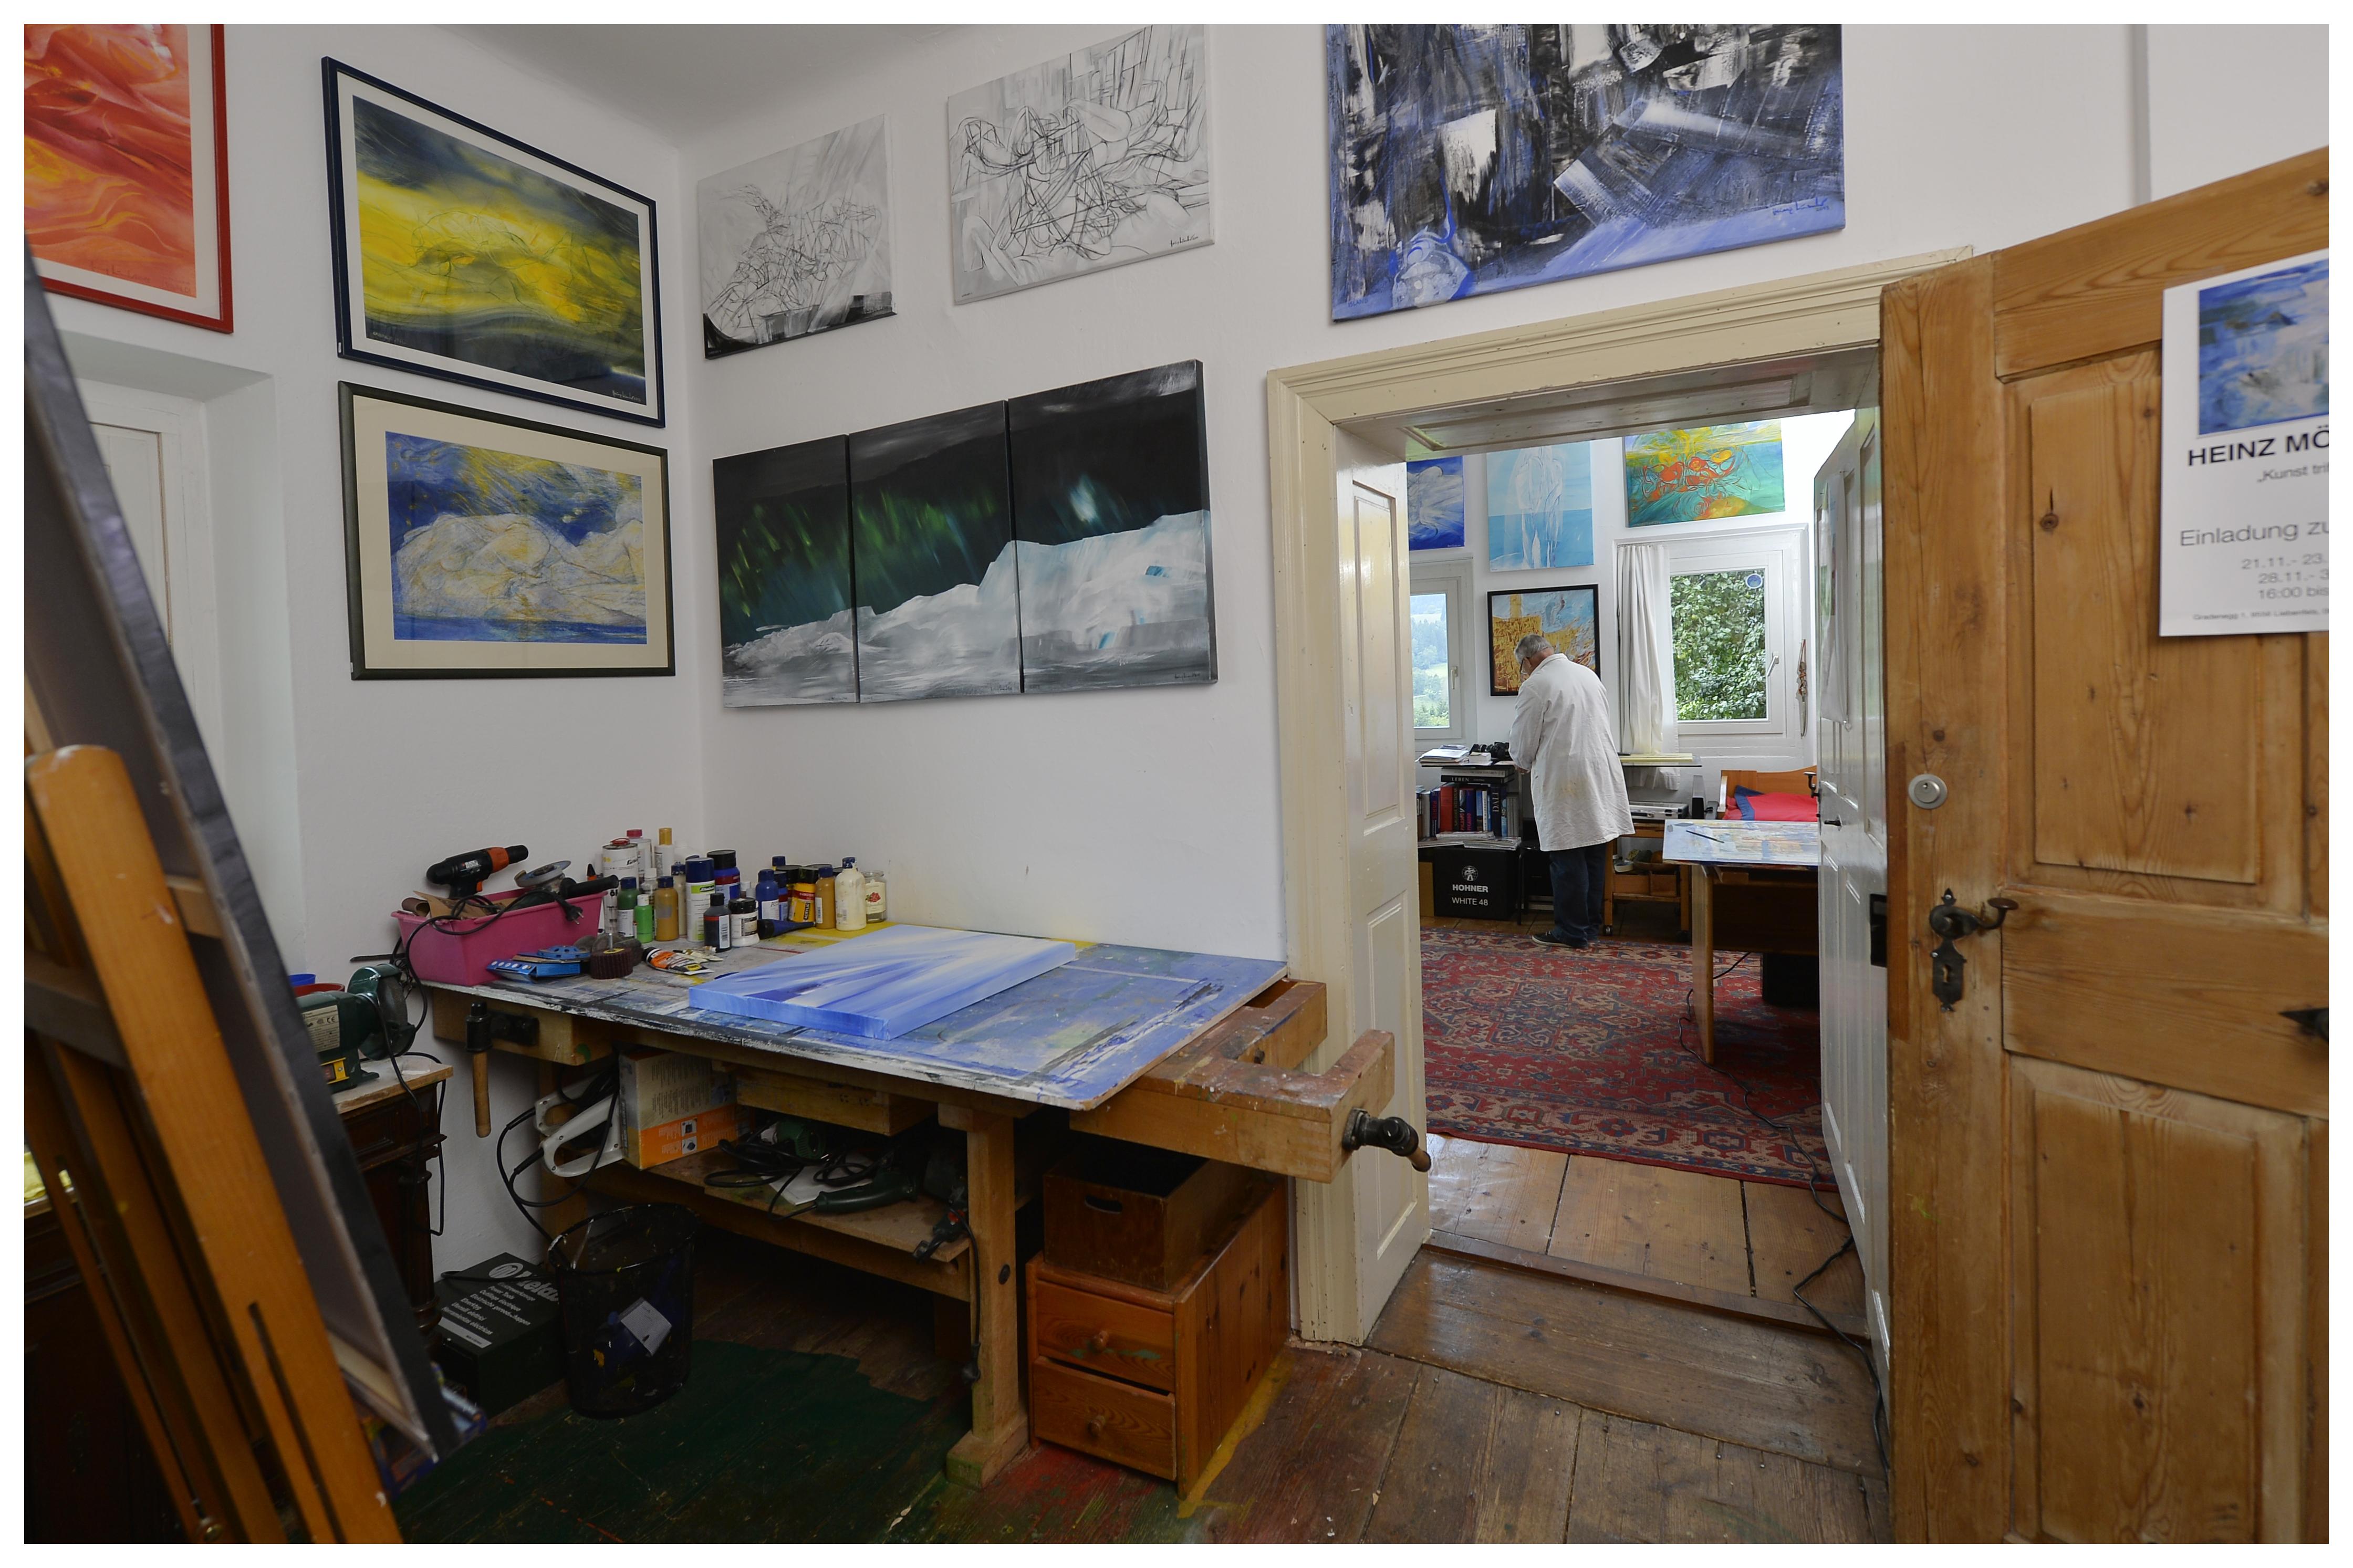 Bildhauer-Ateliere